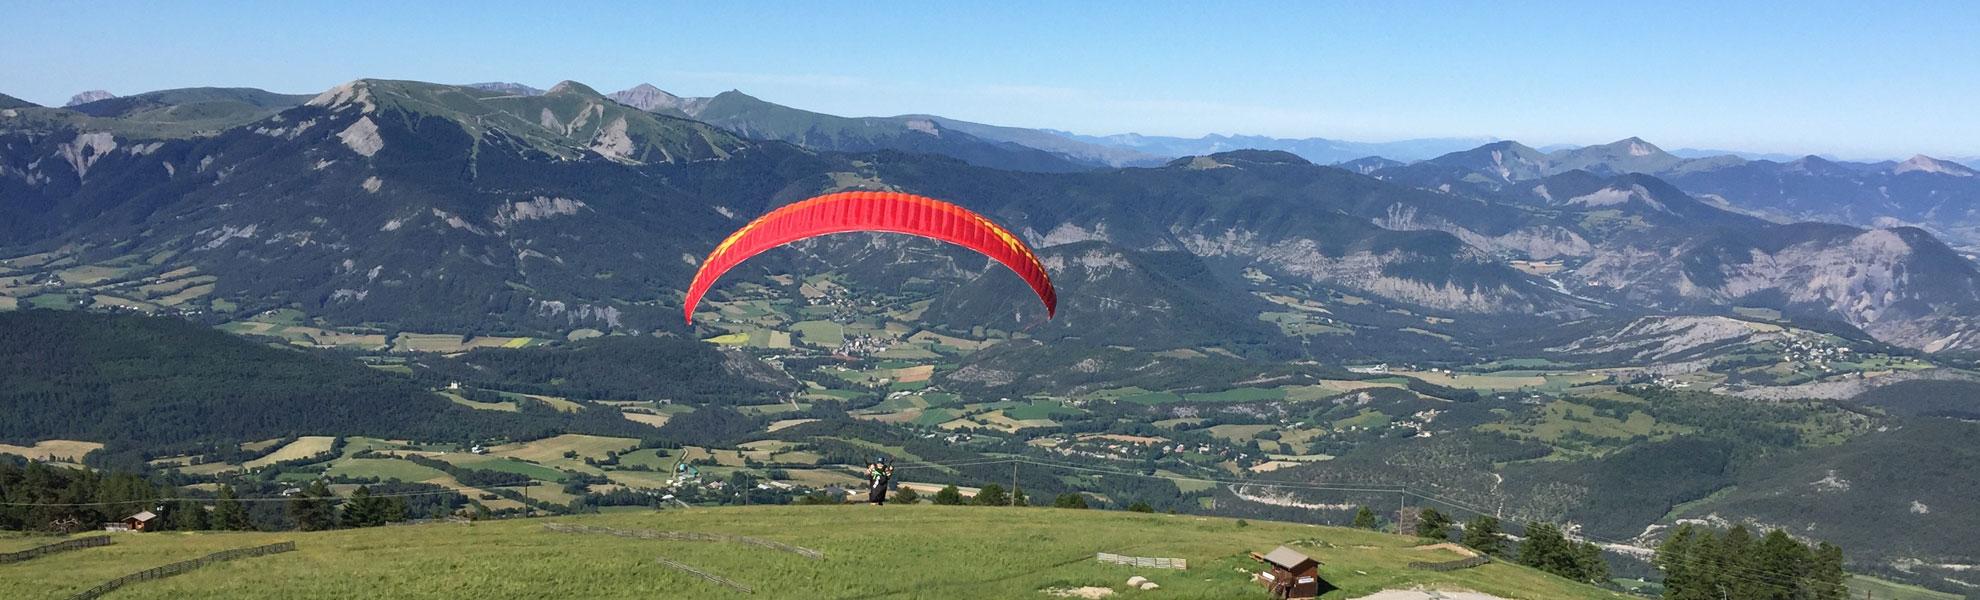 paragliden-Frankrijk-leren